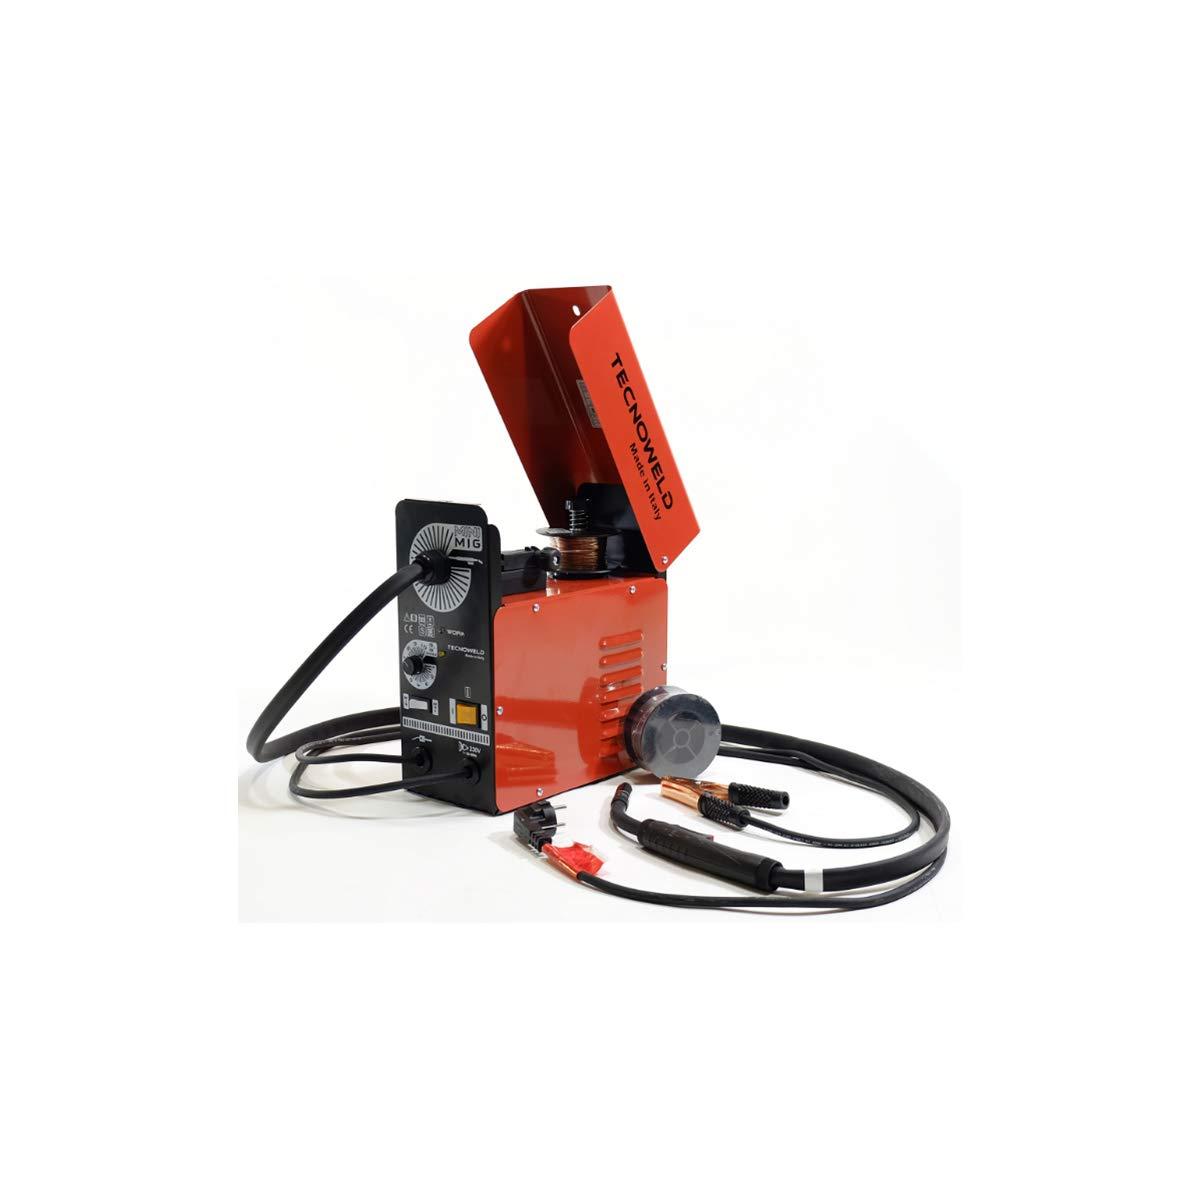 Soldador Mig No Gas tecnoweld - Mini Mig + accesorios: Amazon.es: Bricolaje y herramientas